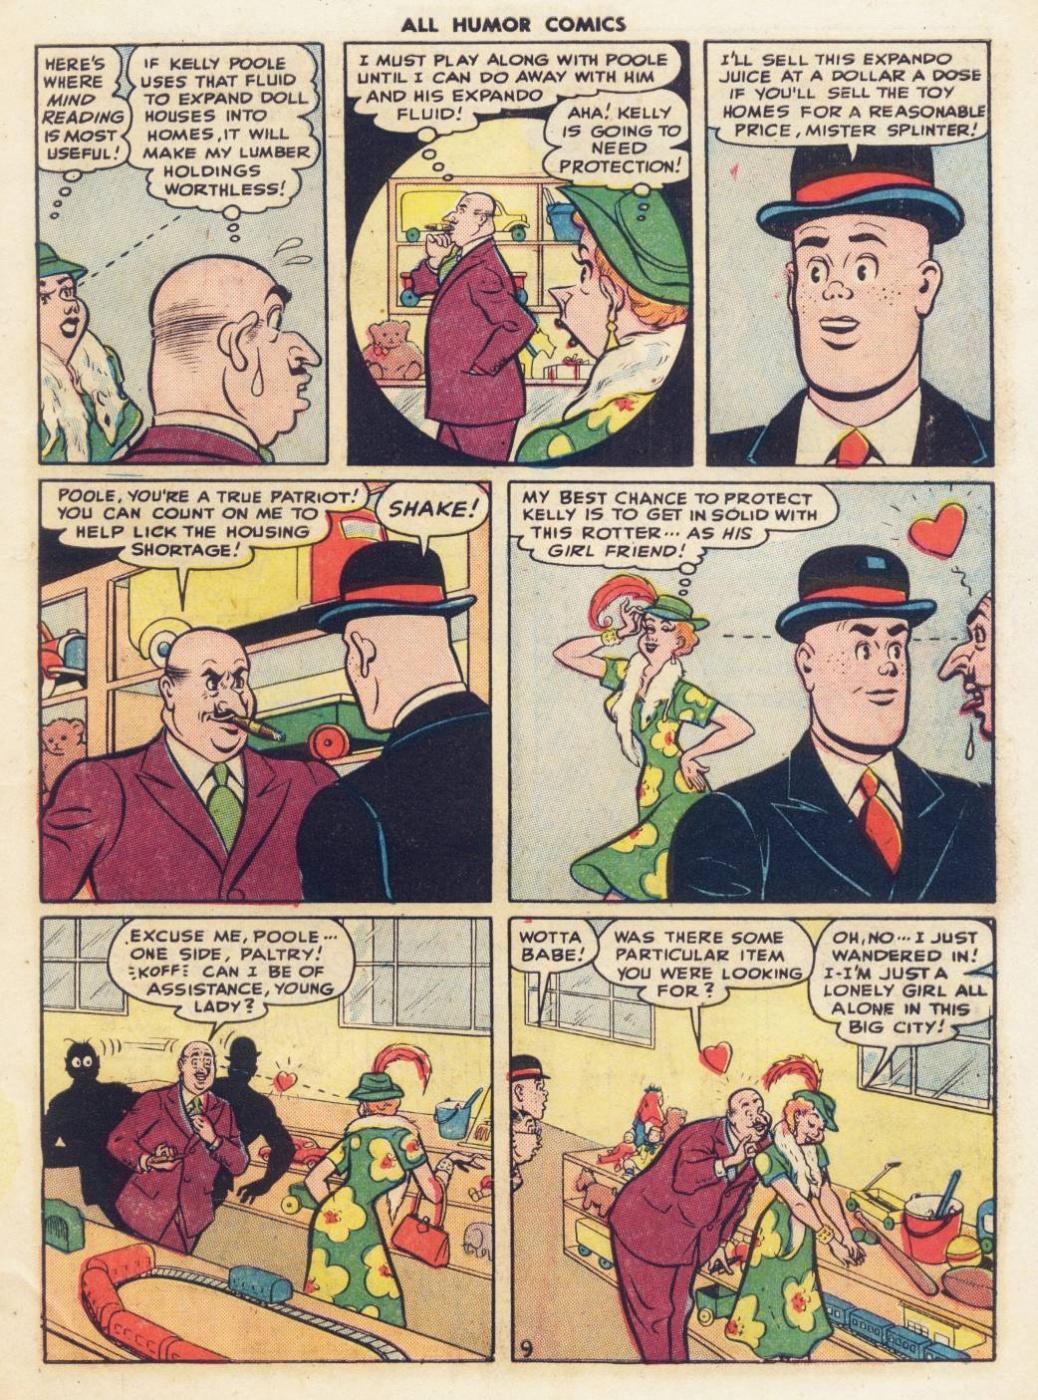 All-Humor-Comics (f) (11)